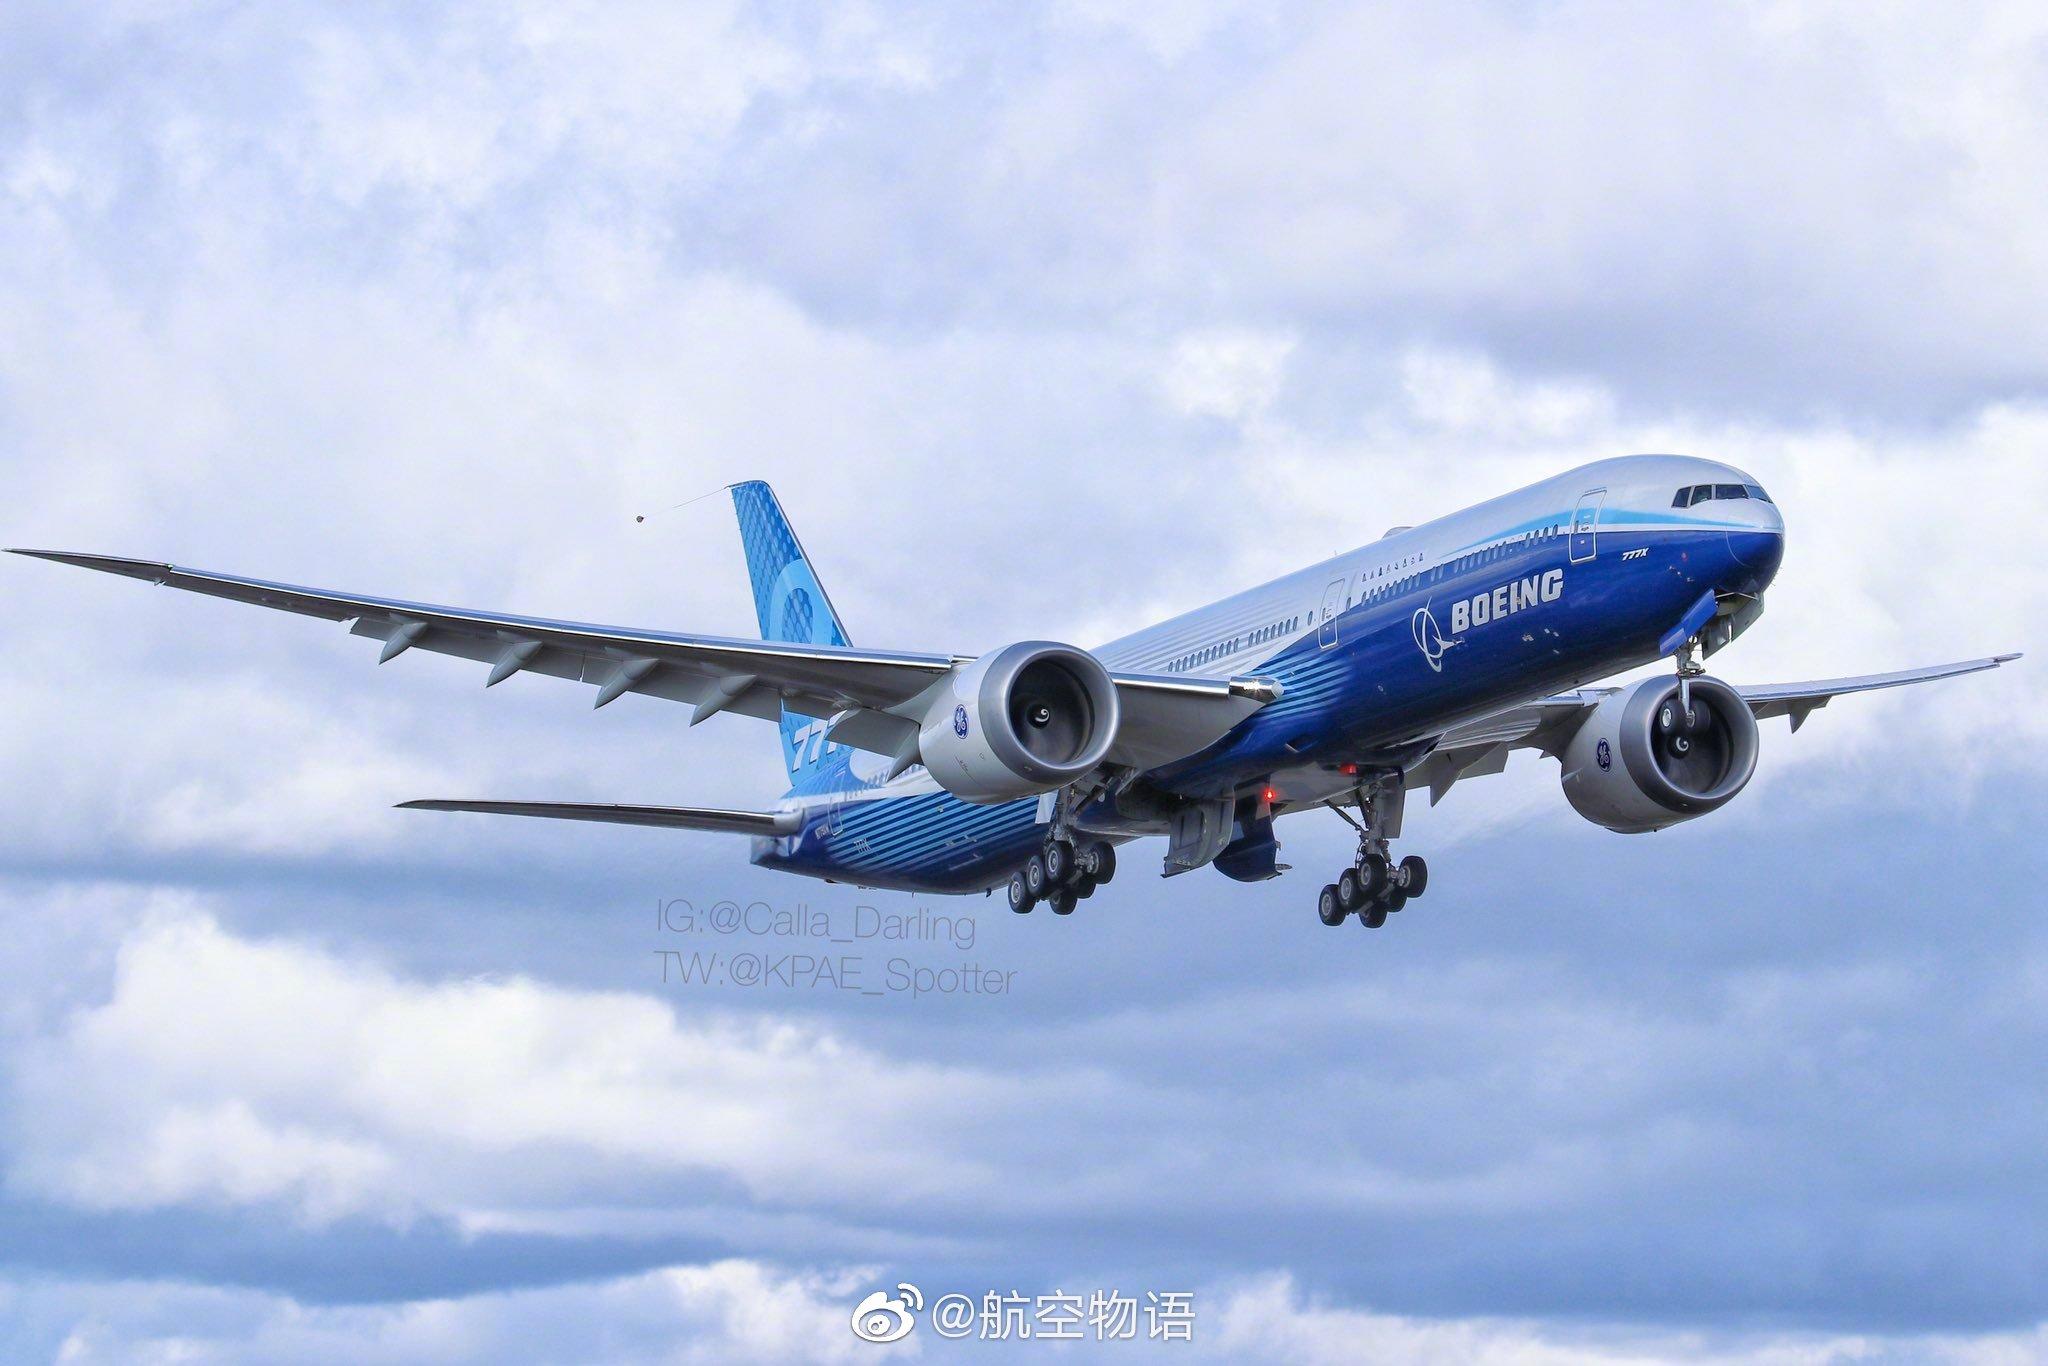 受波音宣布因疫情暂时停产的影响,777X进行了近期的最后一次试飞